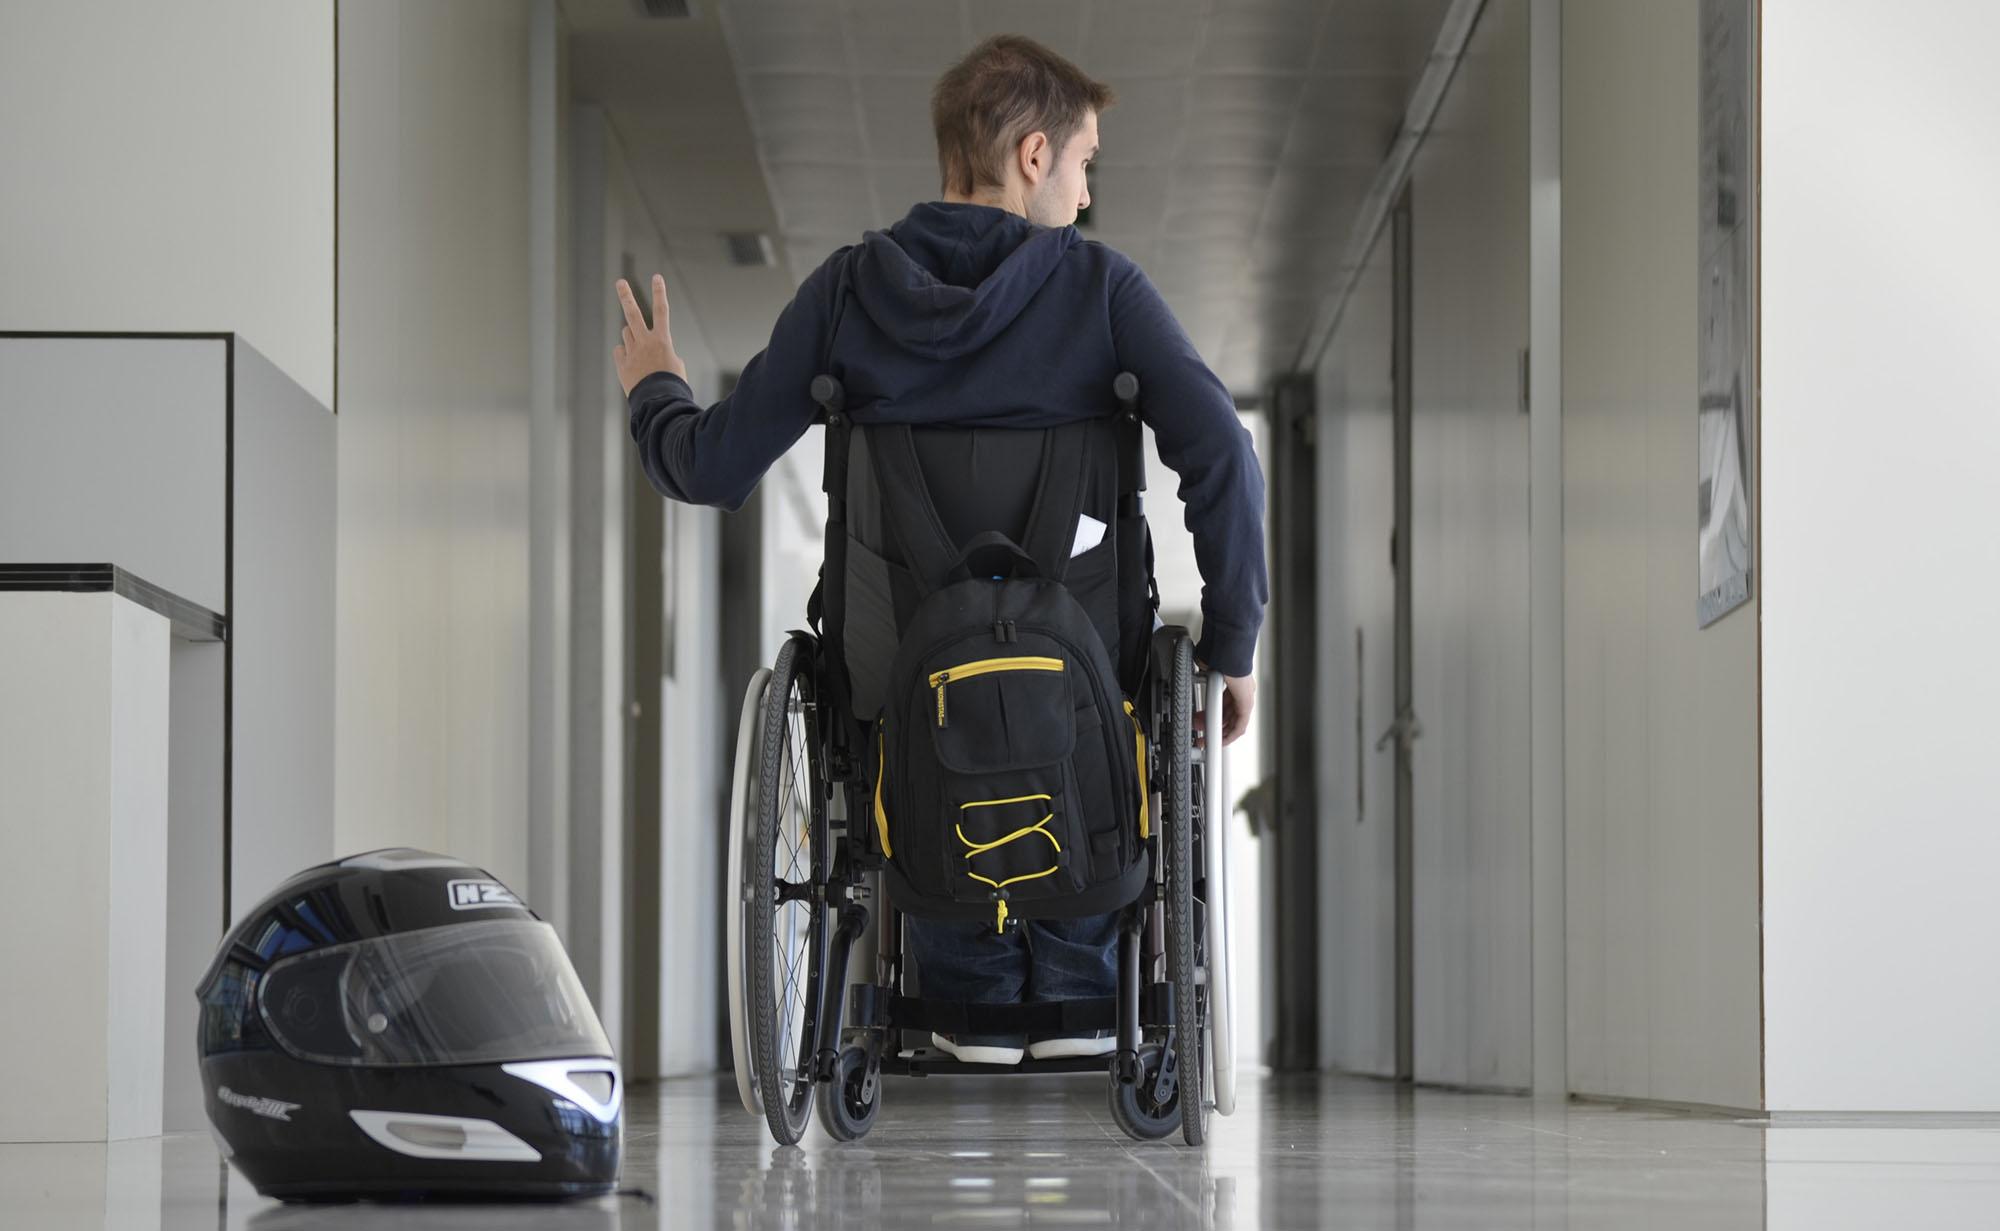 Parapléjicos recuperan sensibilidad gracias a tratamiento